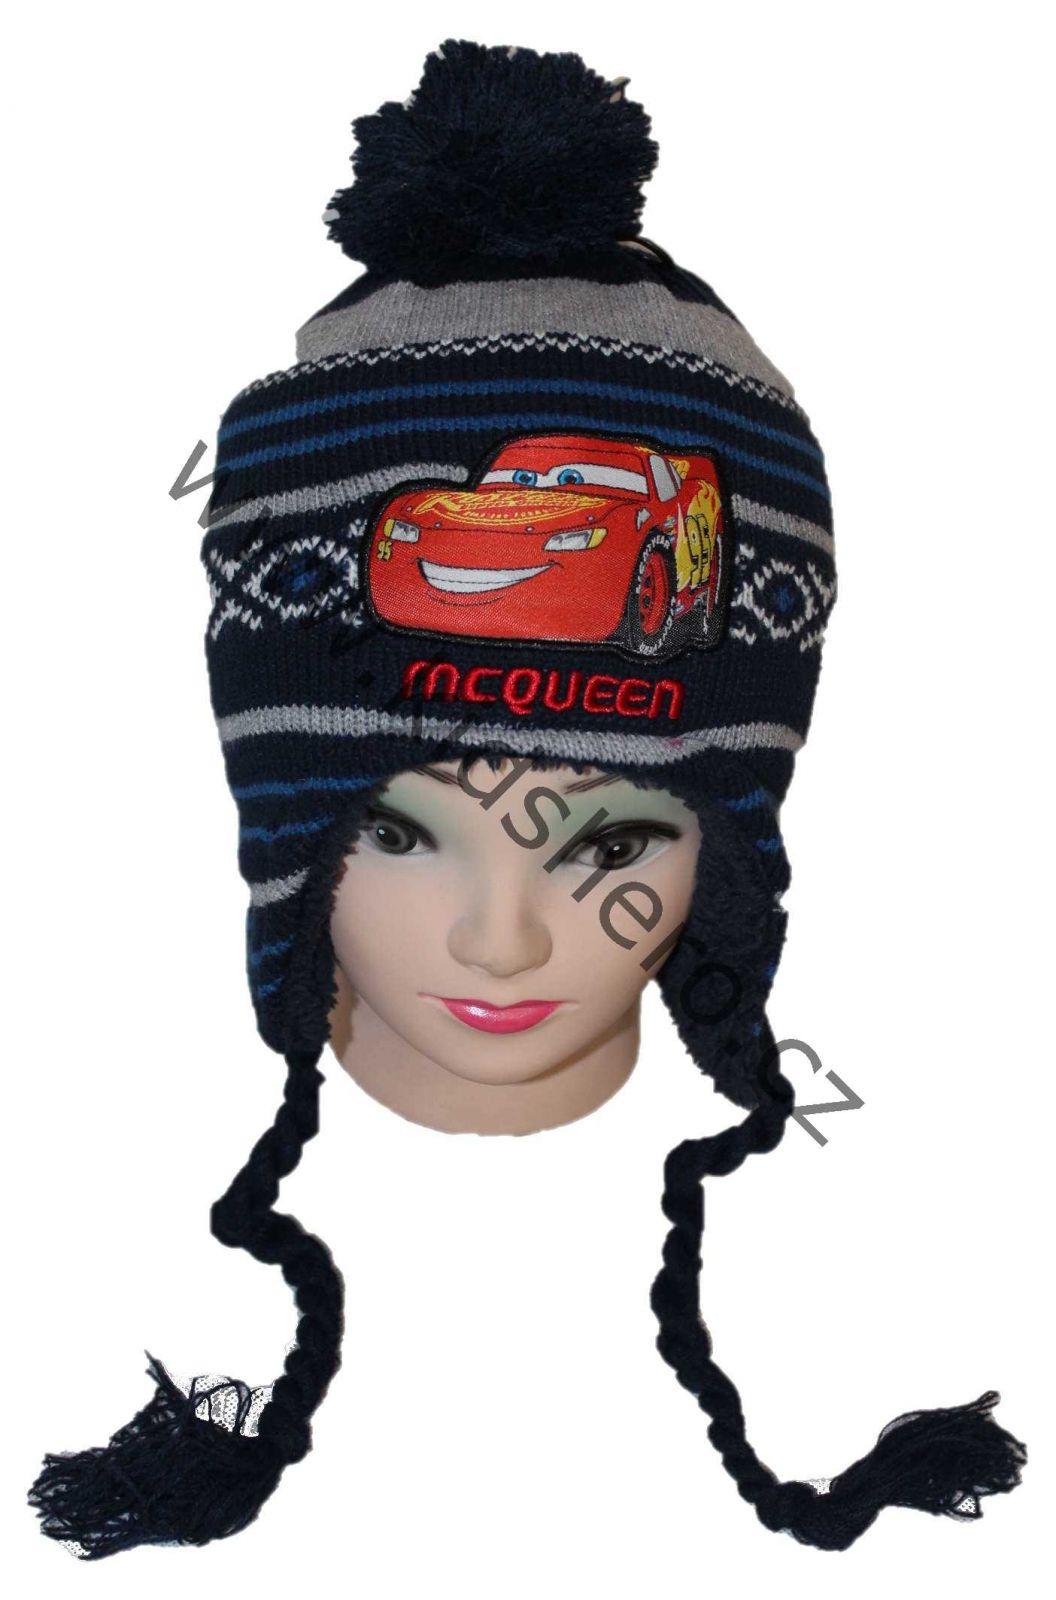 dětská čepice Cars, ušanka s auty, mc queen, chlapecká zimní čepice, chlapecká ušanka cars Disney